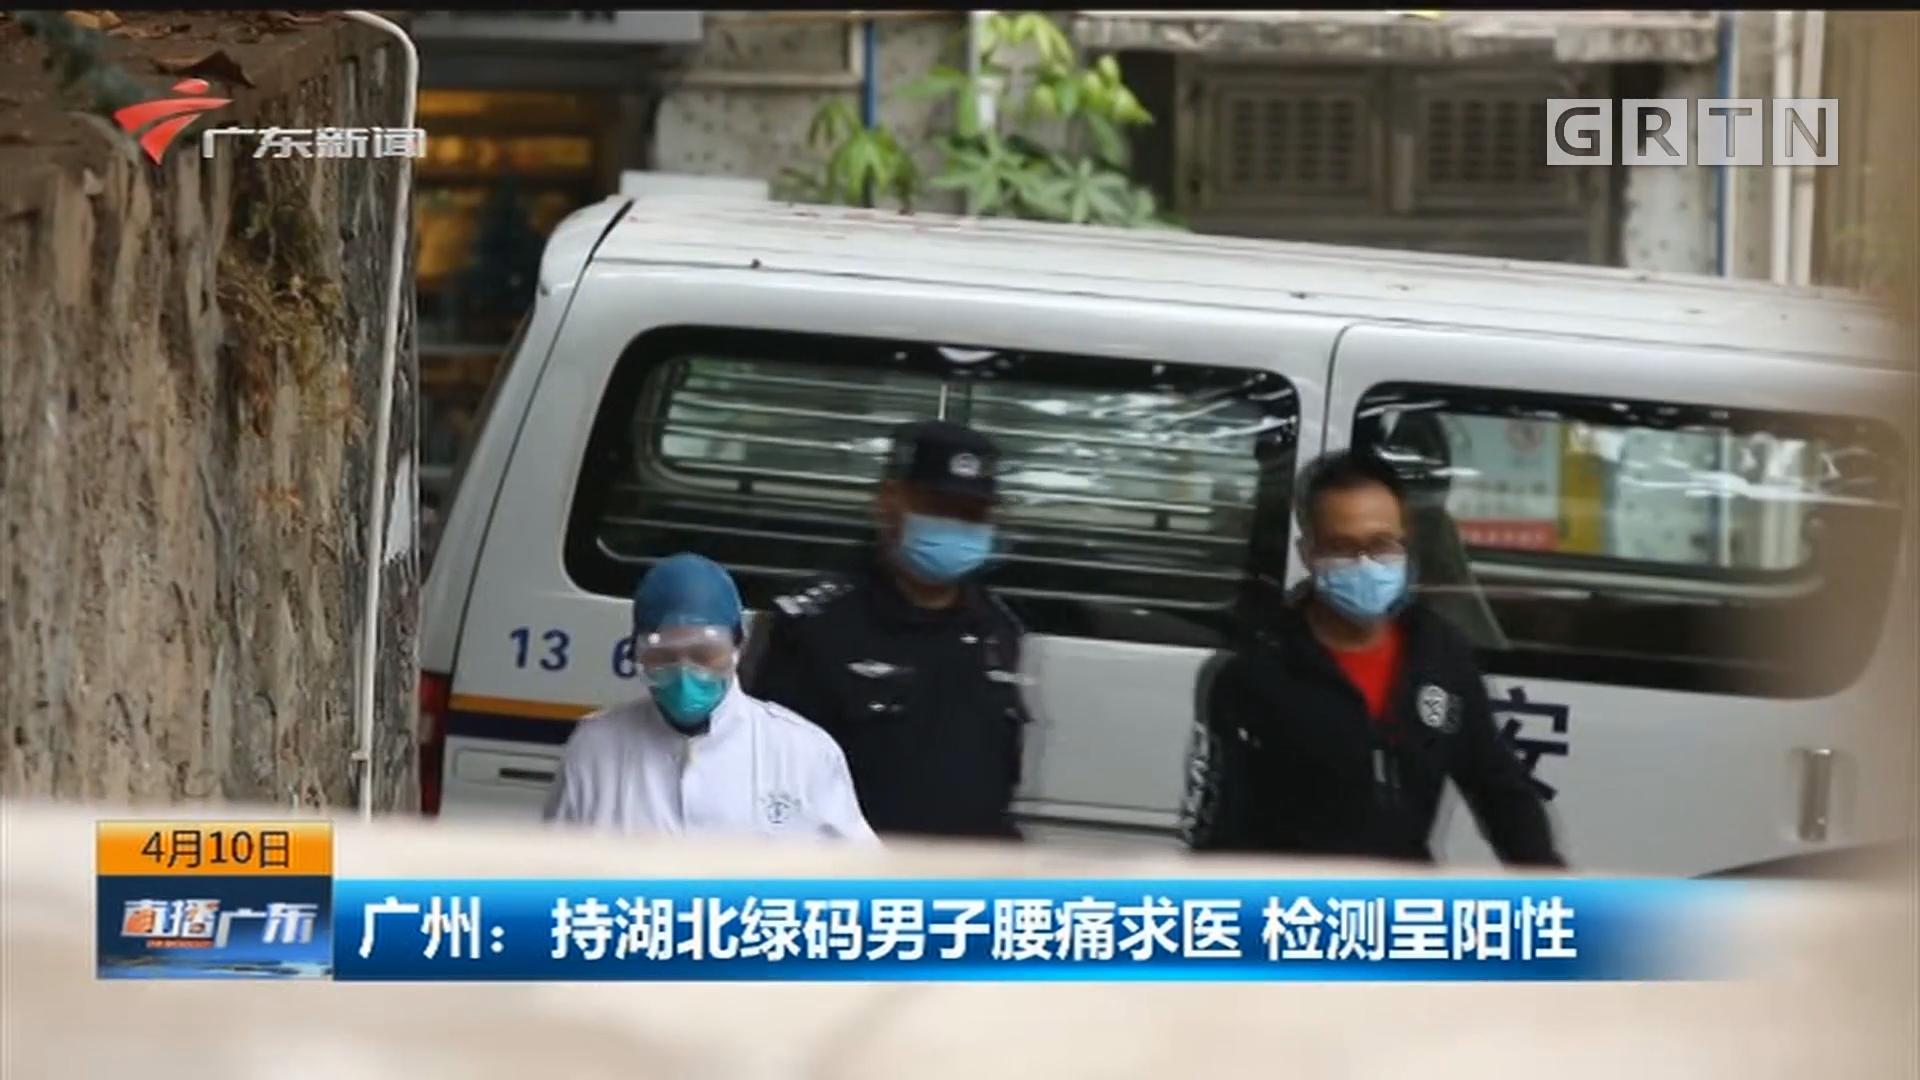 广州:持湖北绿码男子腰痛求医 检测呈阳性